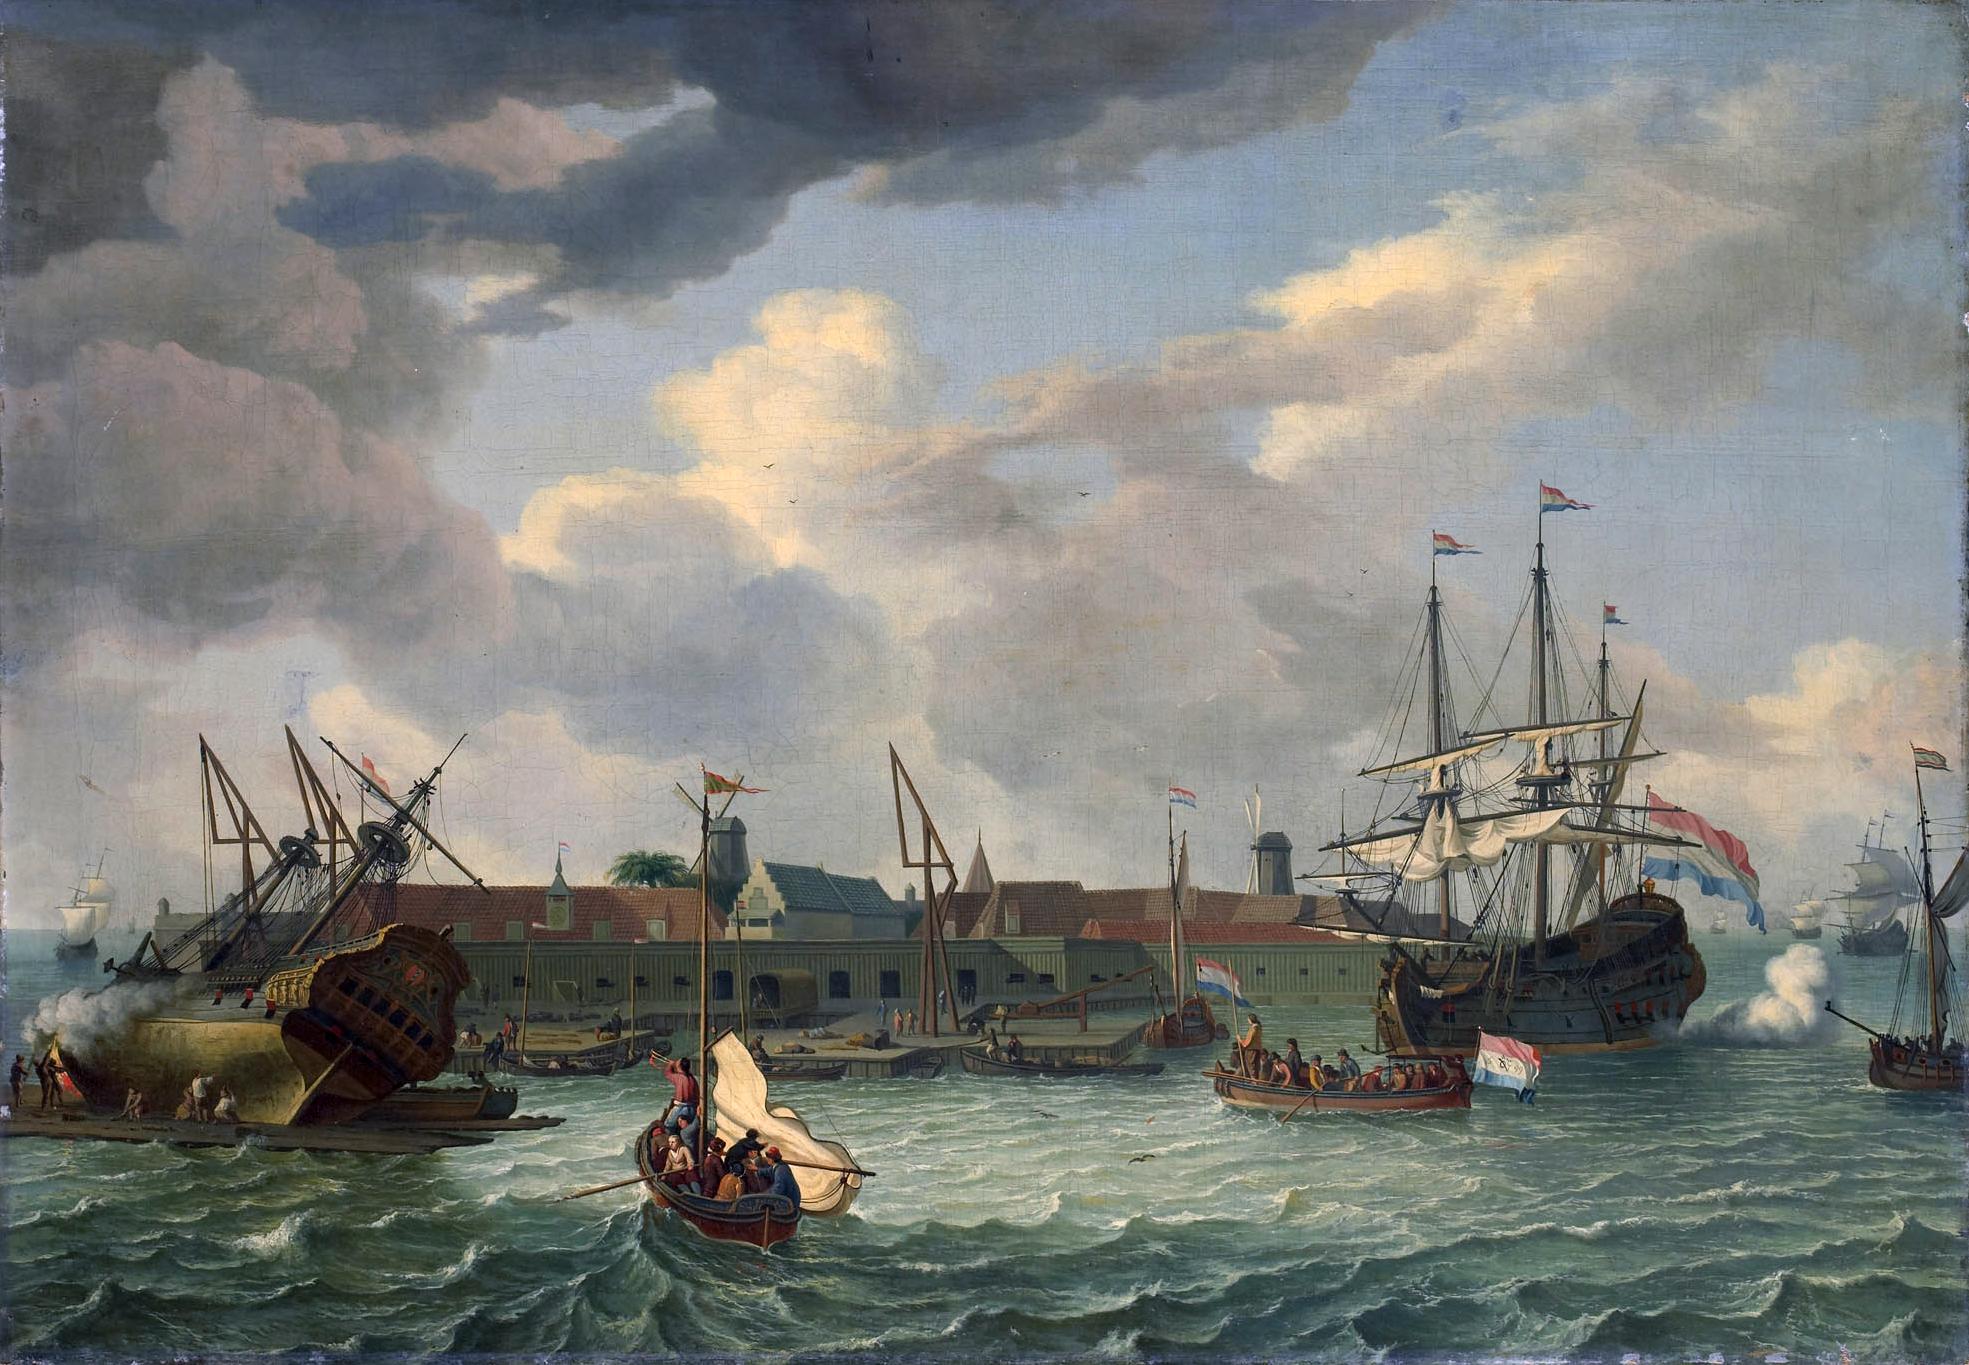 Sejarah Pulau Onrust 1699